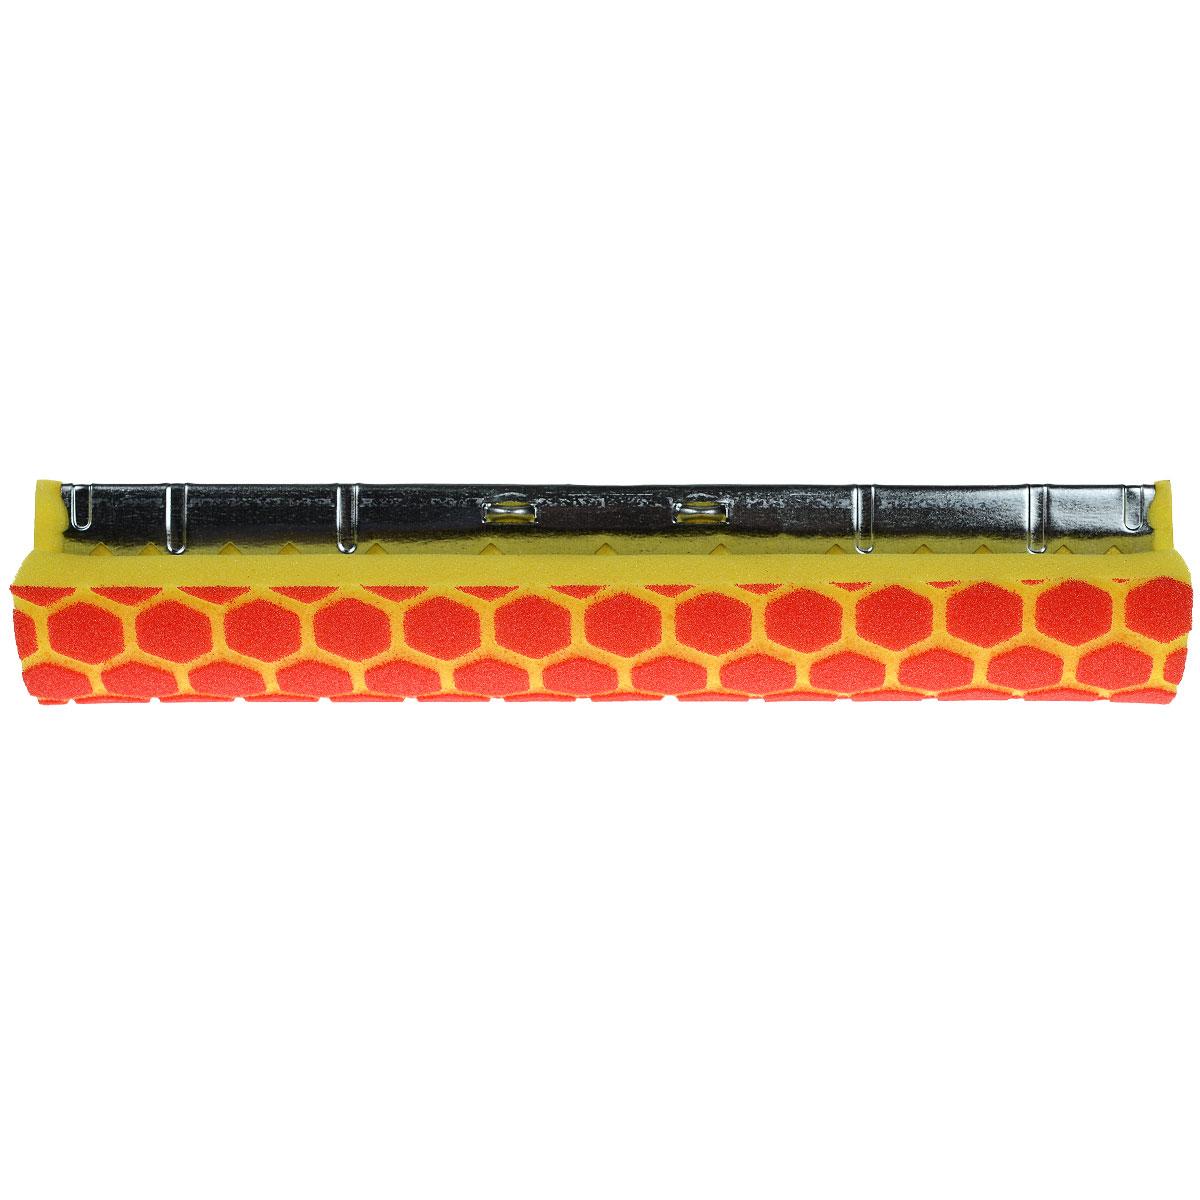 Губка сменная Libman Nitty Gritty, длина 30 см00956Сменная губка Libman Nitty Gritty для роликовой швабры выполнена из износоустойчивого полиэстера с объемным рисунком соты для лучшего удержания загрязнений. Губка присоединена к надежному металлическому креплению для швабры. С губкой Libman Nitty Gritty уборка станет эффективнее и приятнее. Характеристики:Материал: полиэстер, металл. Цвет: желтый, красный. Длина губки: 30 см. Ширина губки: 8 см. Размер упаковки: 30 см x 8 см x 6 см. Артикул:00956.